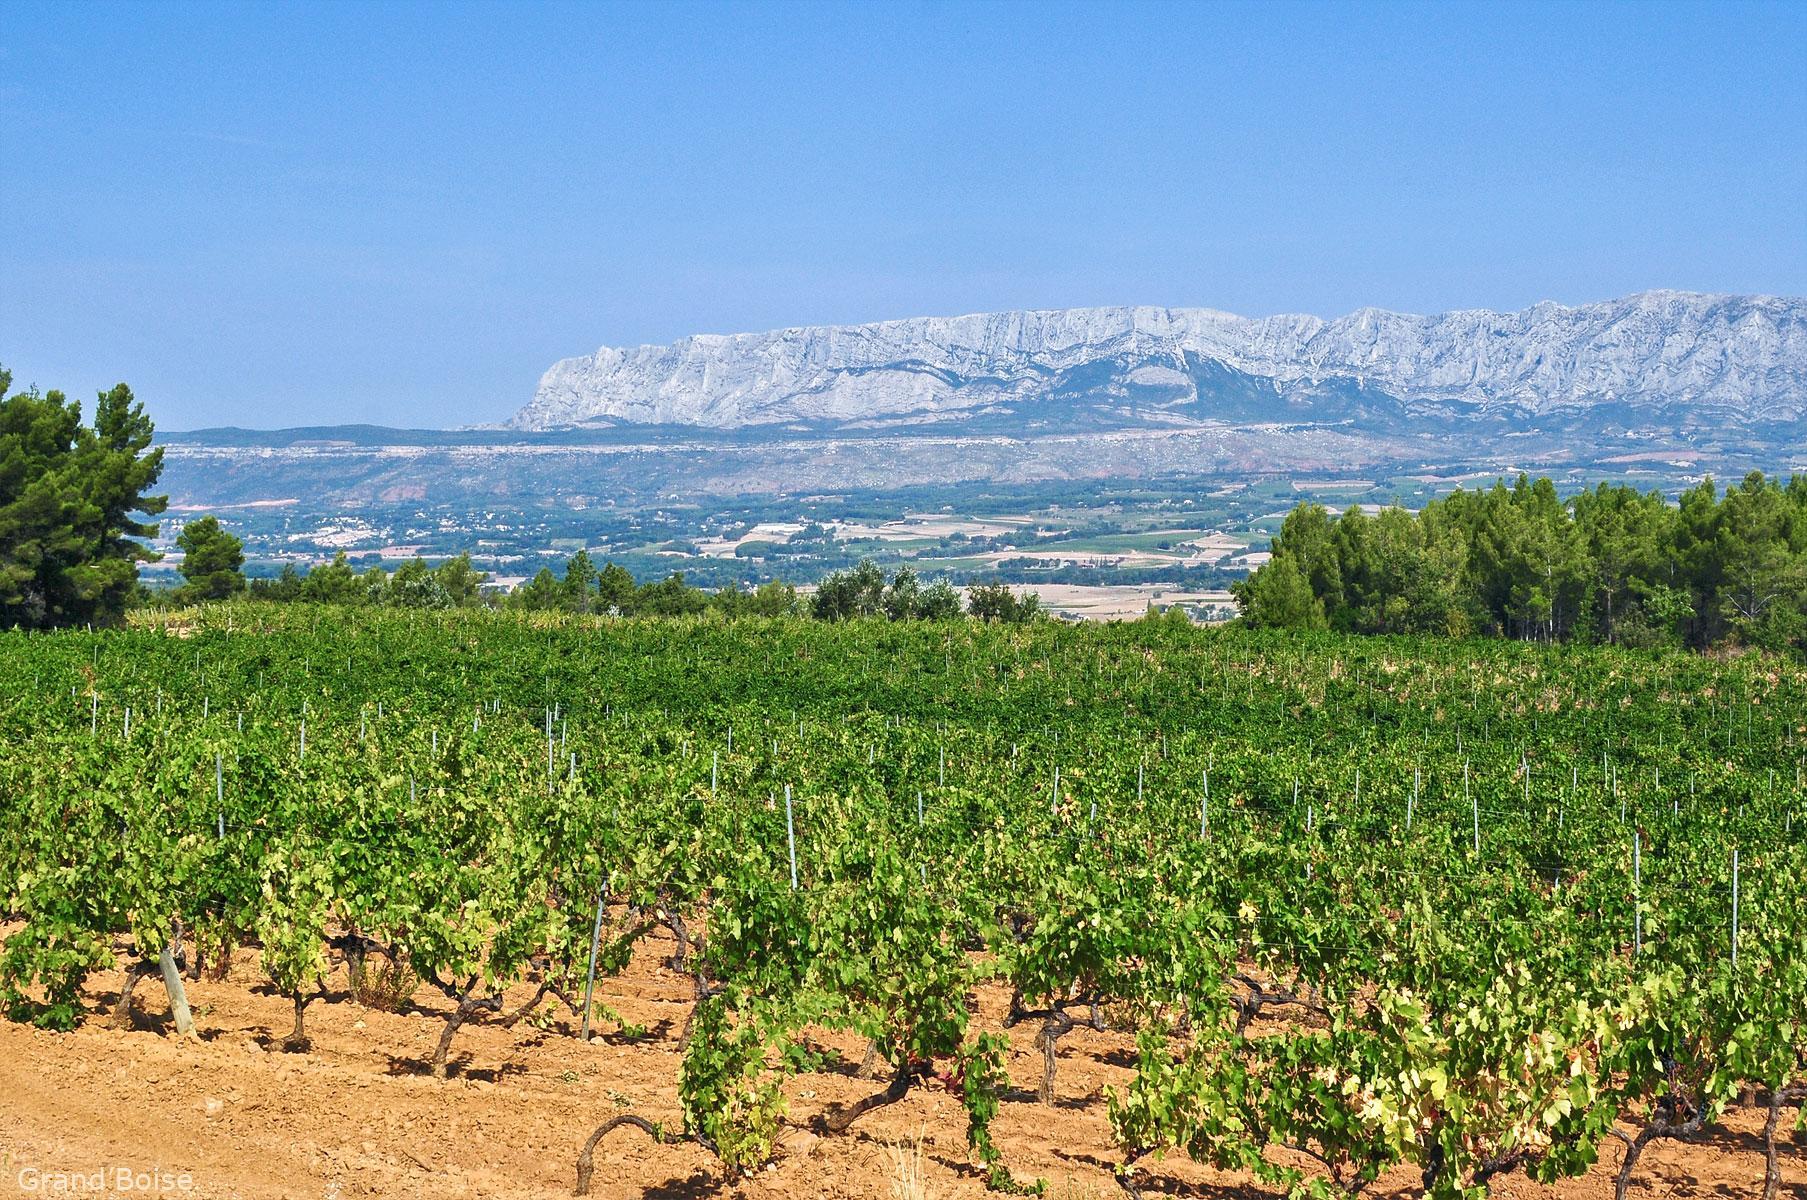 Short day: Aix en Provence & Wine Tour in Côtes de Provence Sainte-Victoire